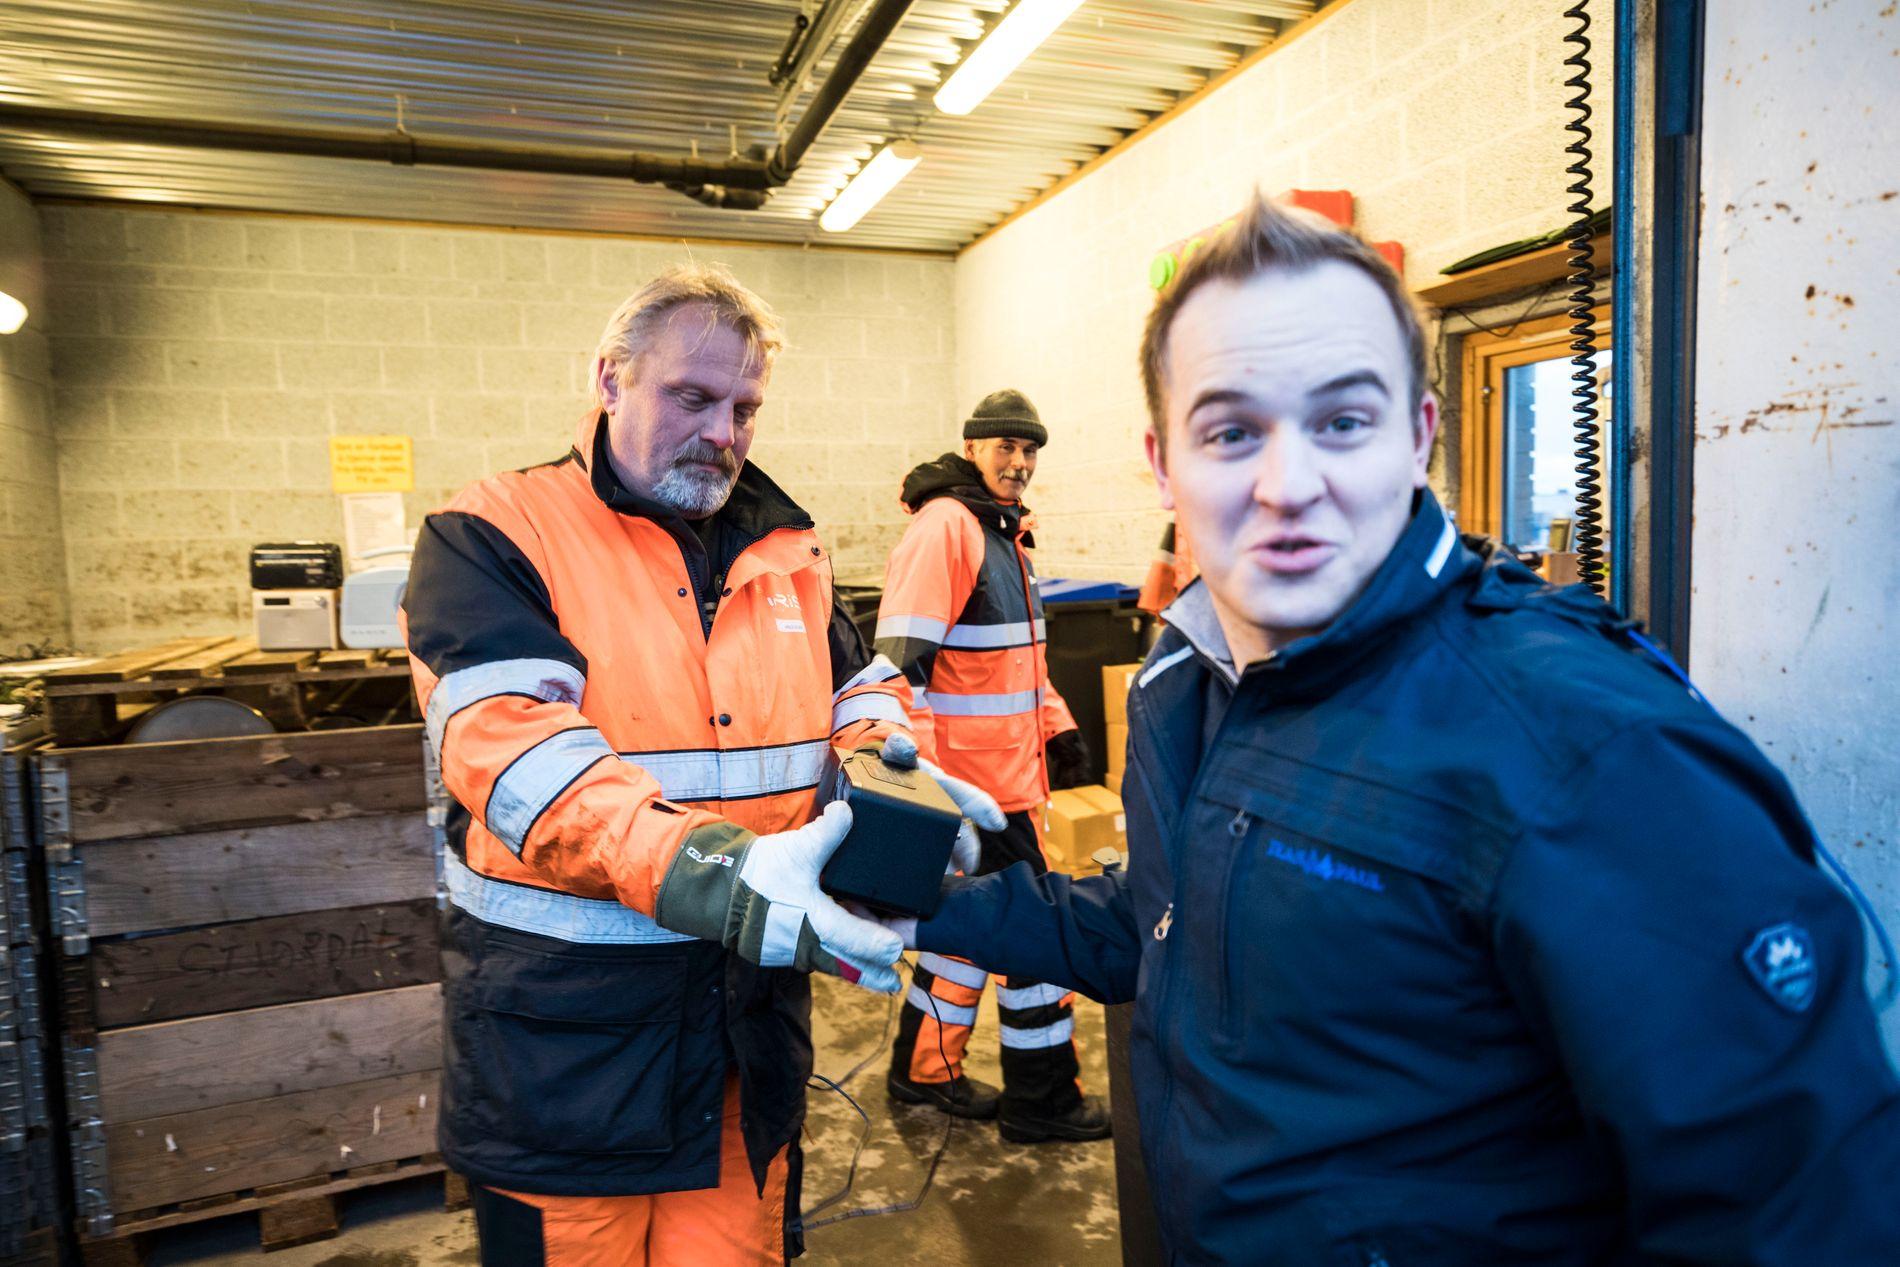 UINTERESSERT: Espen Eivik leverer inn en gammel FM-radio til Arild Olsen ved Iris Miljøtorg Bodø, men bryr seg ikke om å kjøpe ny radio.